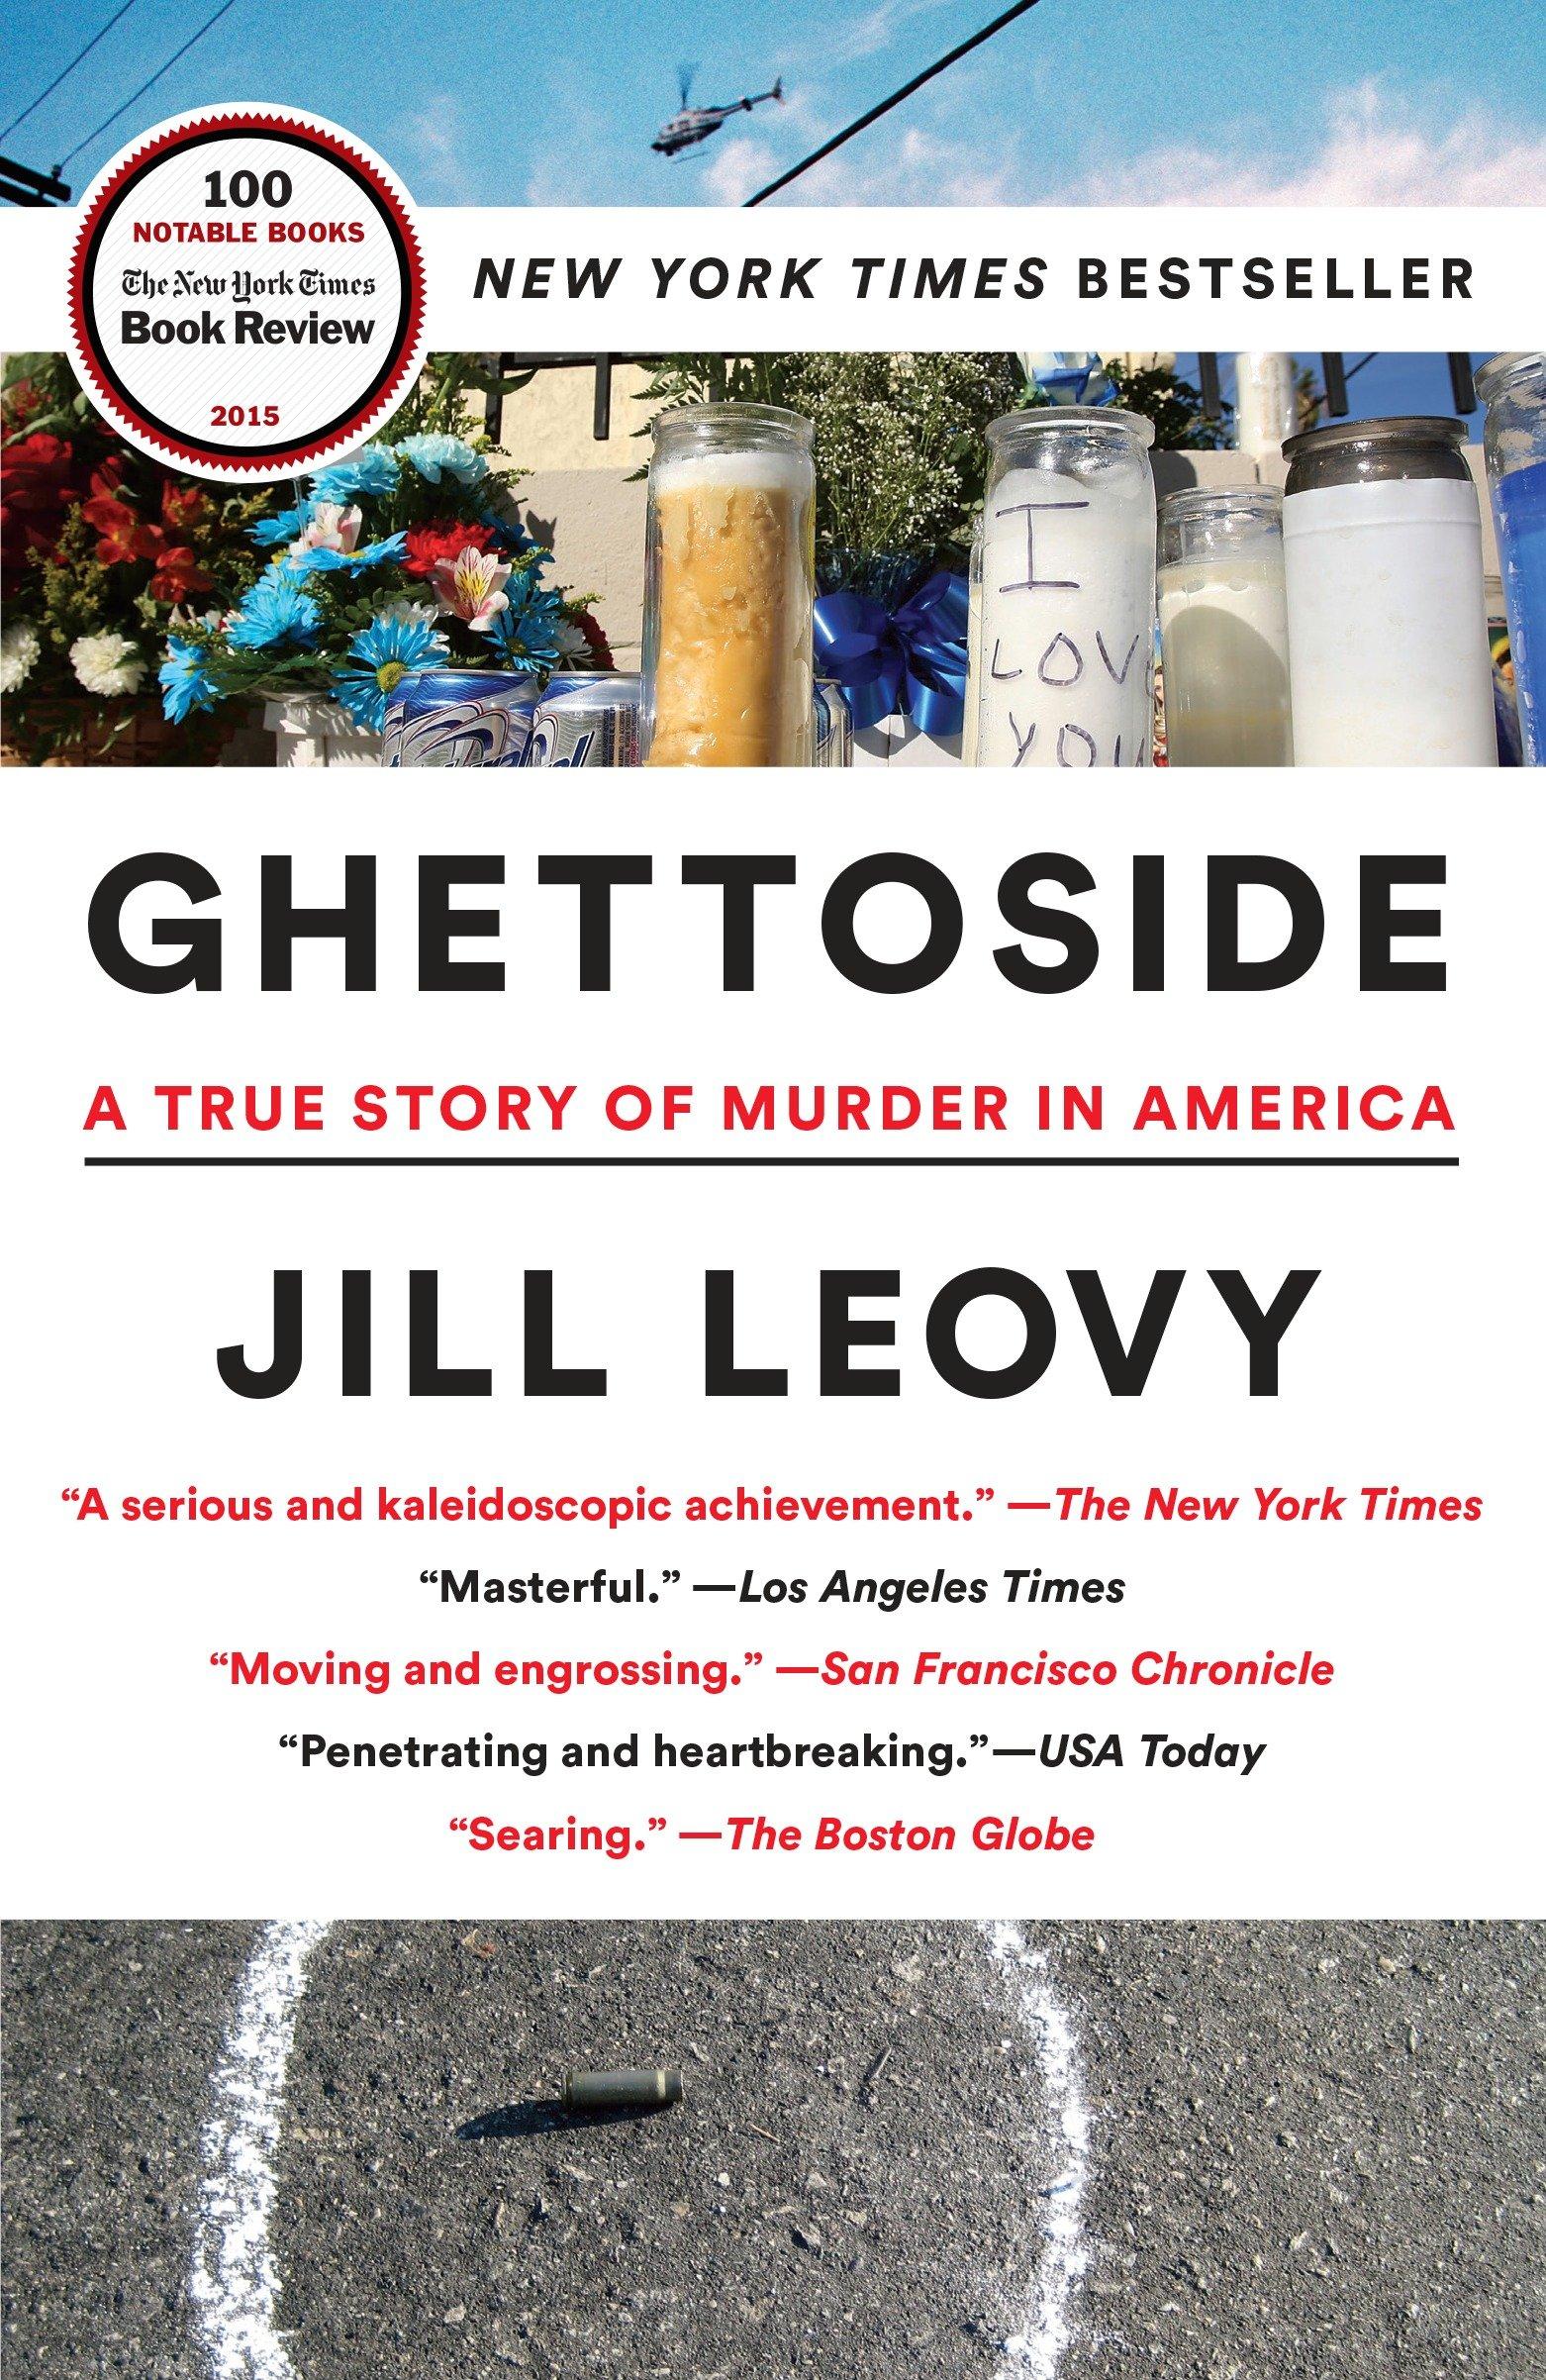 Ghettoside A True Story of Murder in America